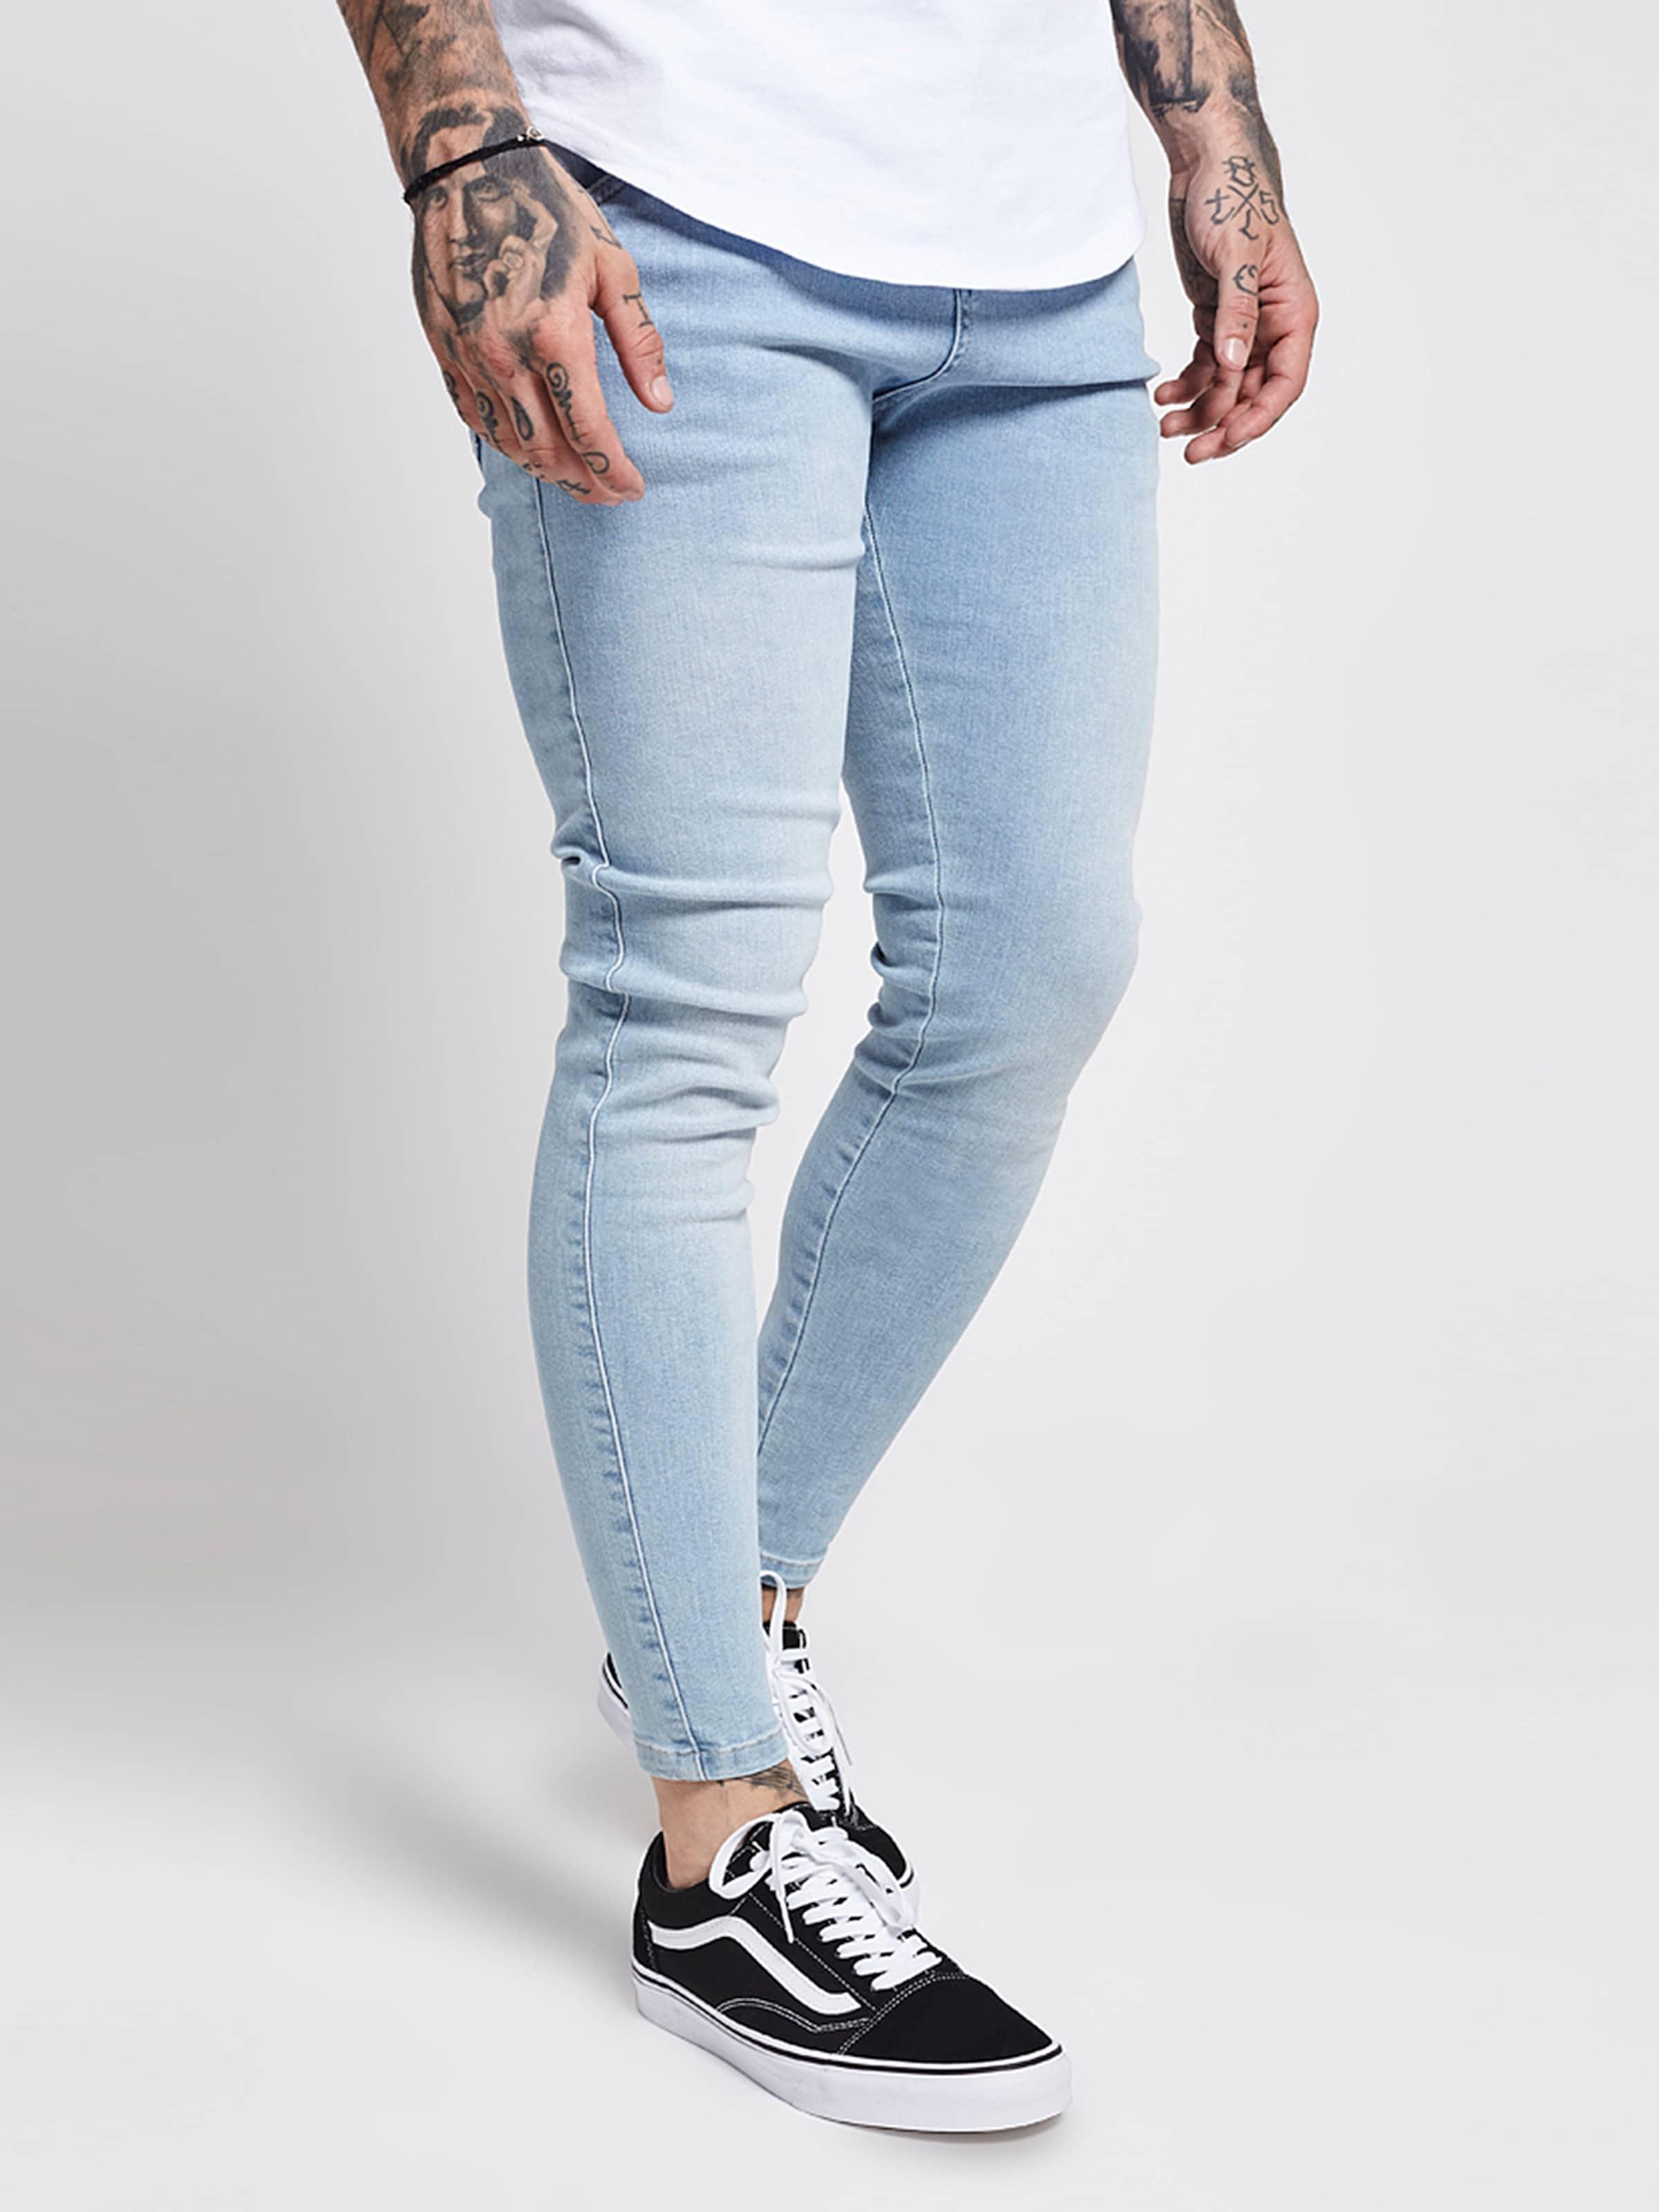 Siksilk In Hellblau Jeans Siksilk Jeans In Hellblau e9IYWEHD2